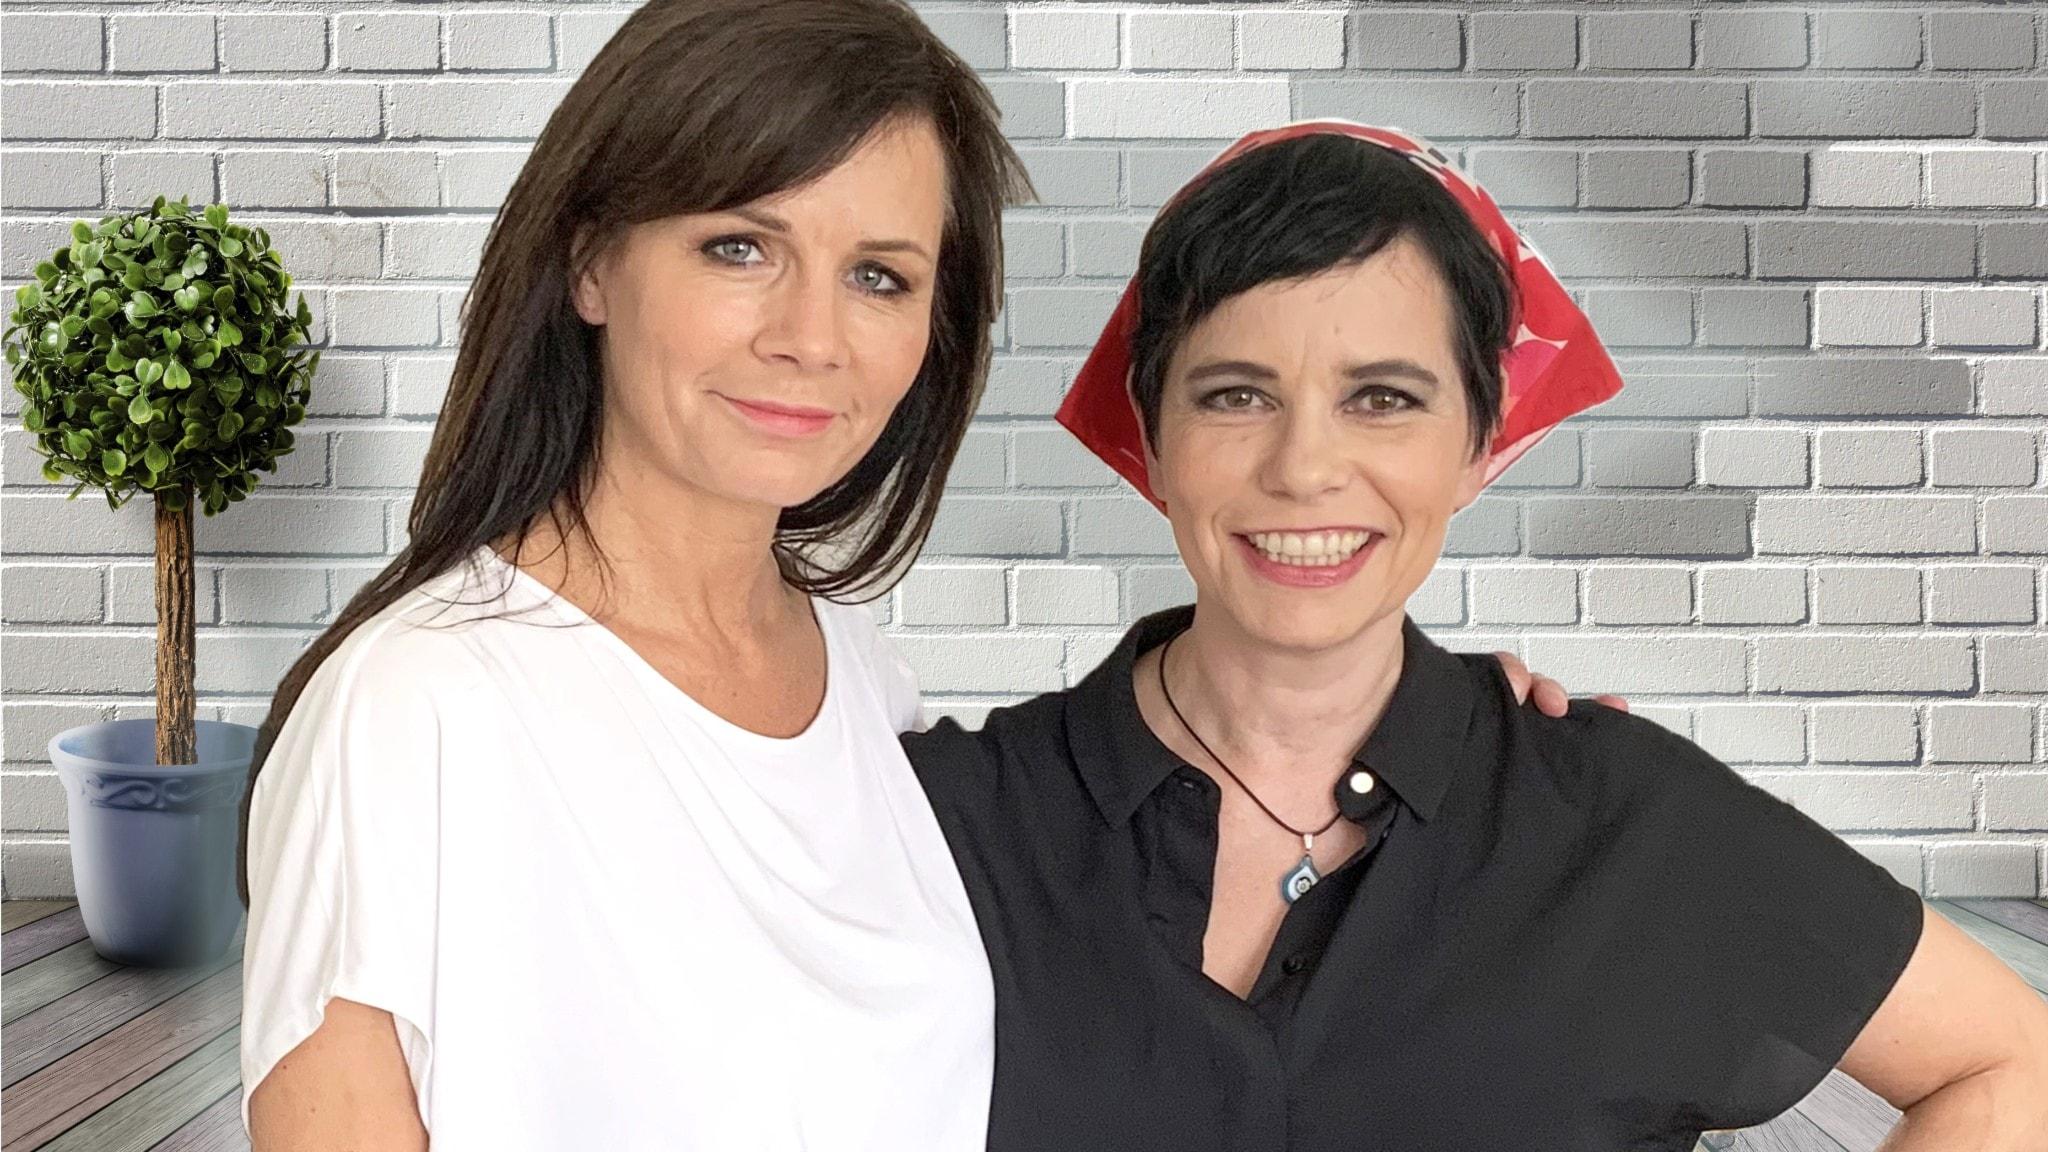 Musikintervjun Lena Philipsson: Varför har hon slutat sjunga om kärlek?